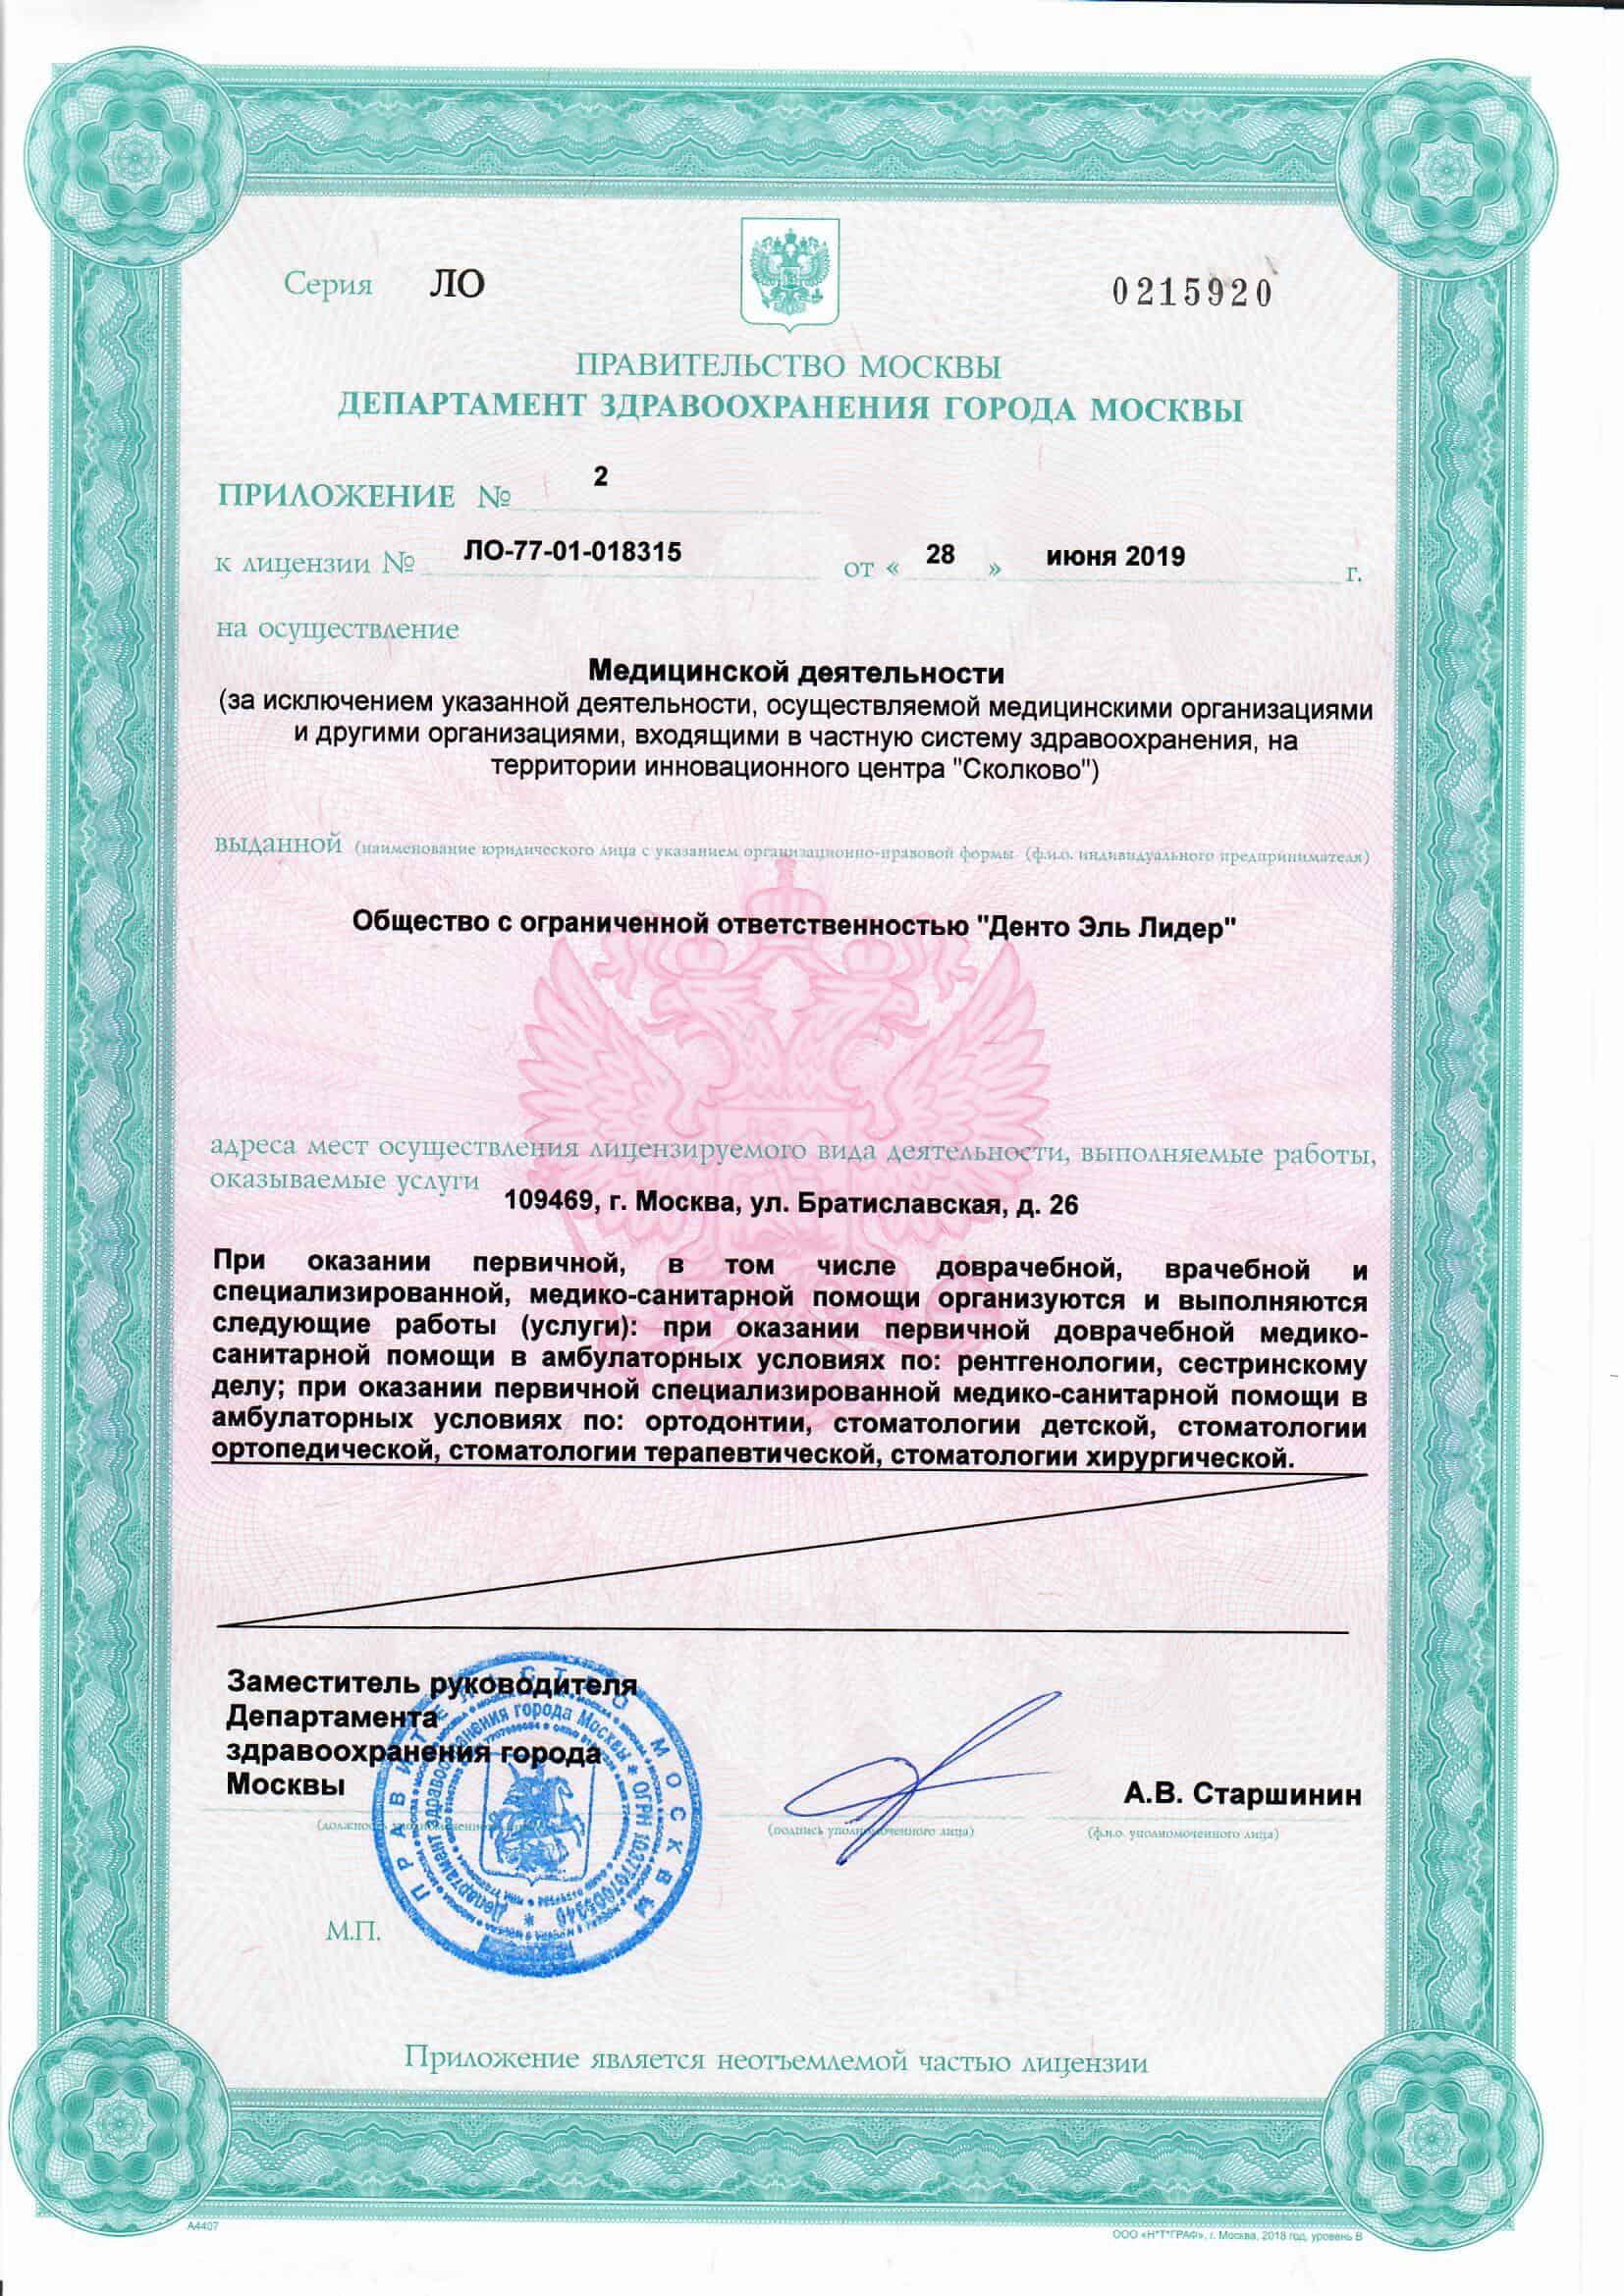 Лицензия № ЛО-77-01-018315 Марьино 3 лист